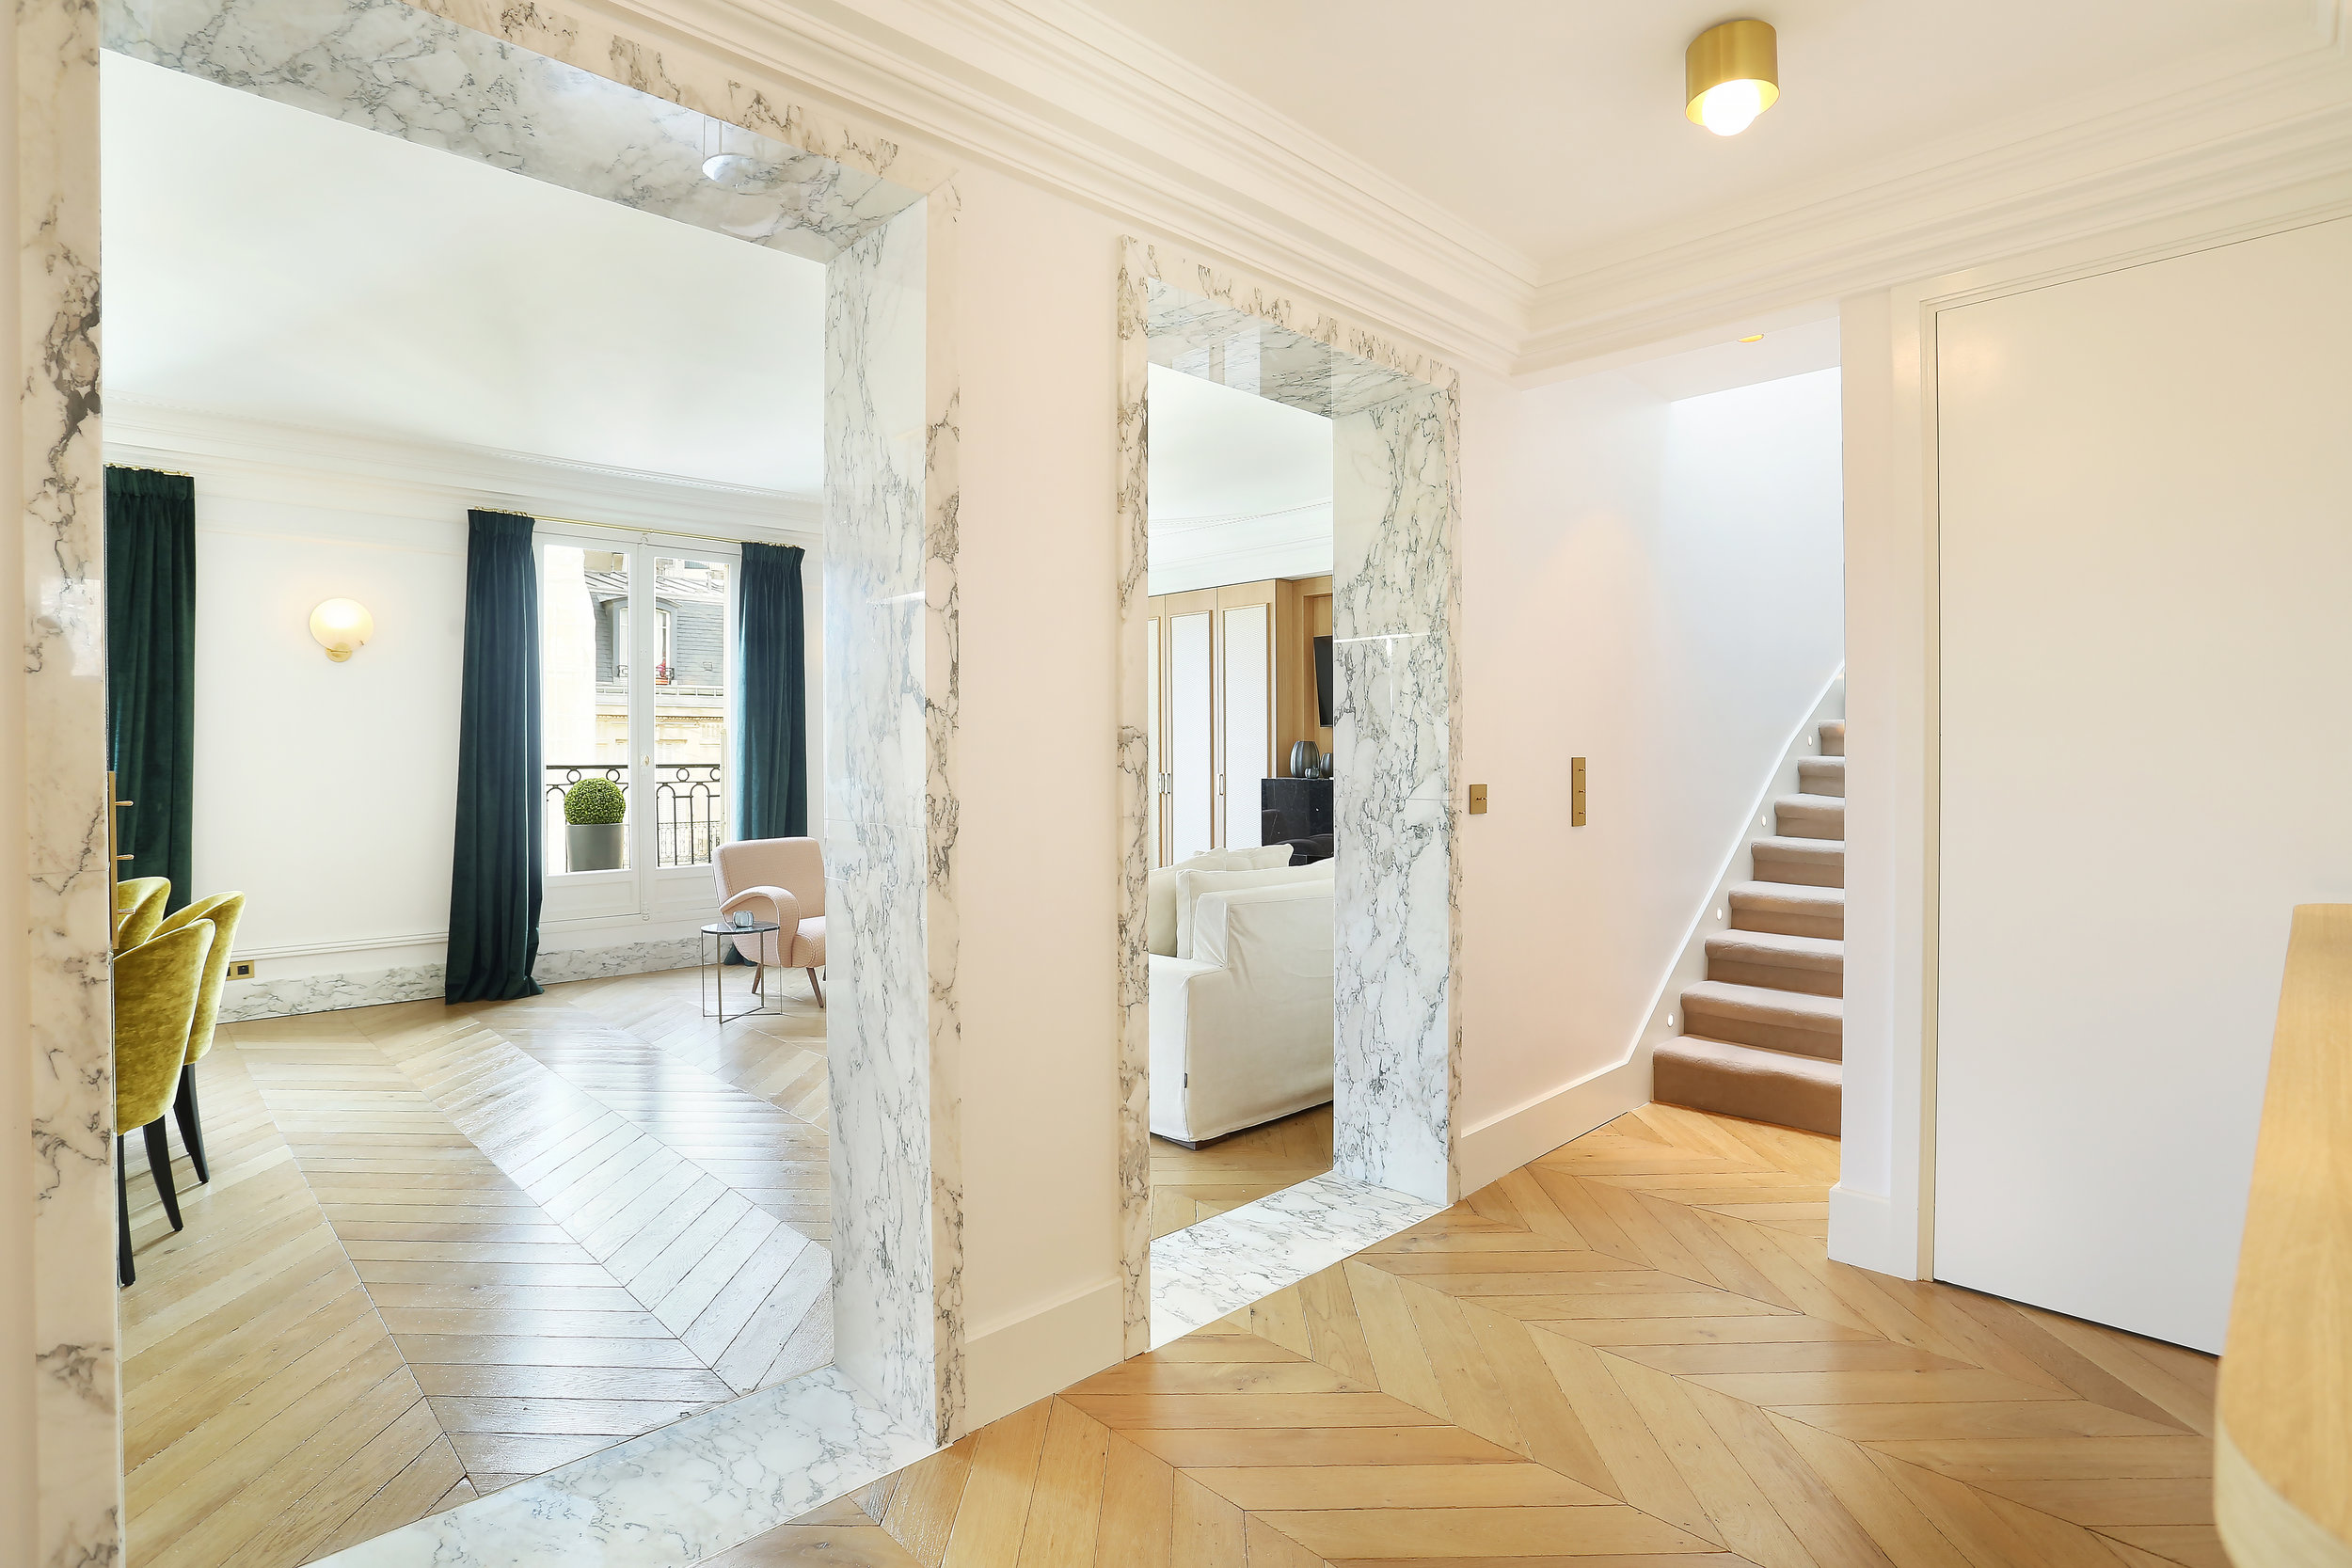 Encadrement porte marbre Appartement Parisien Omni Marbres